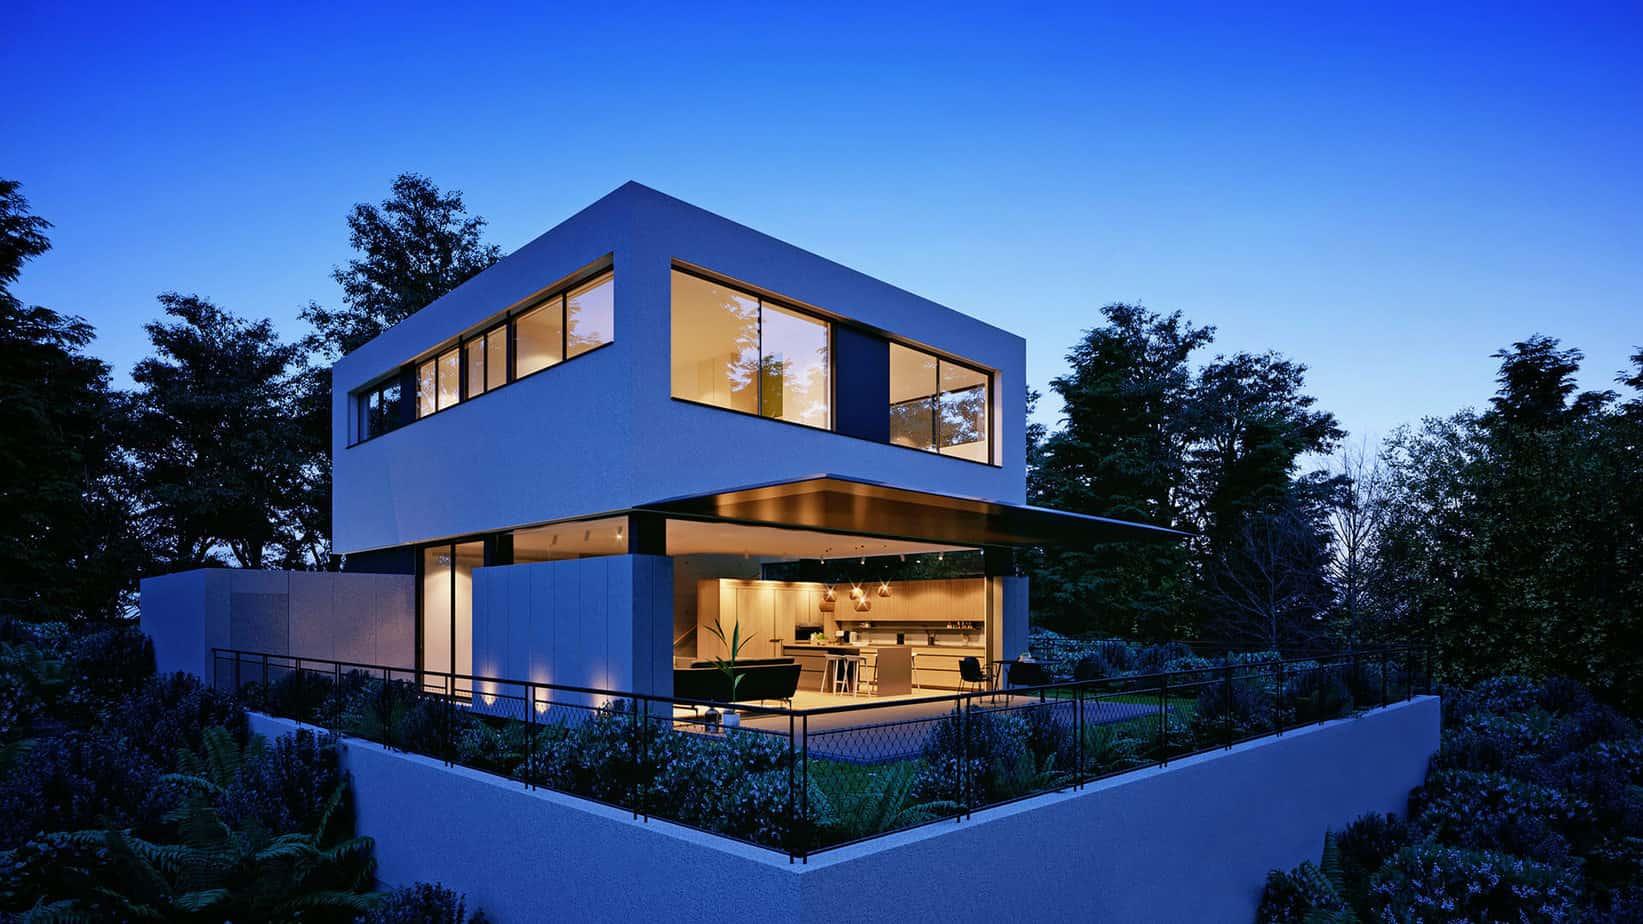 33 mẫu thiết kế nhà hiện đại đẹp ấn tượng nhất 13